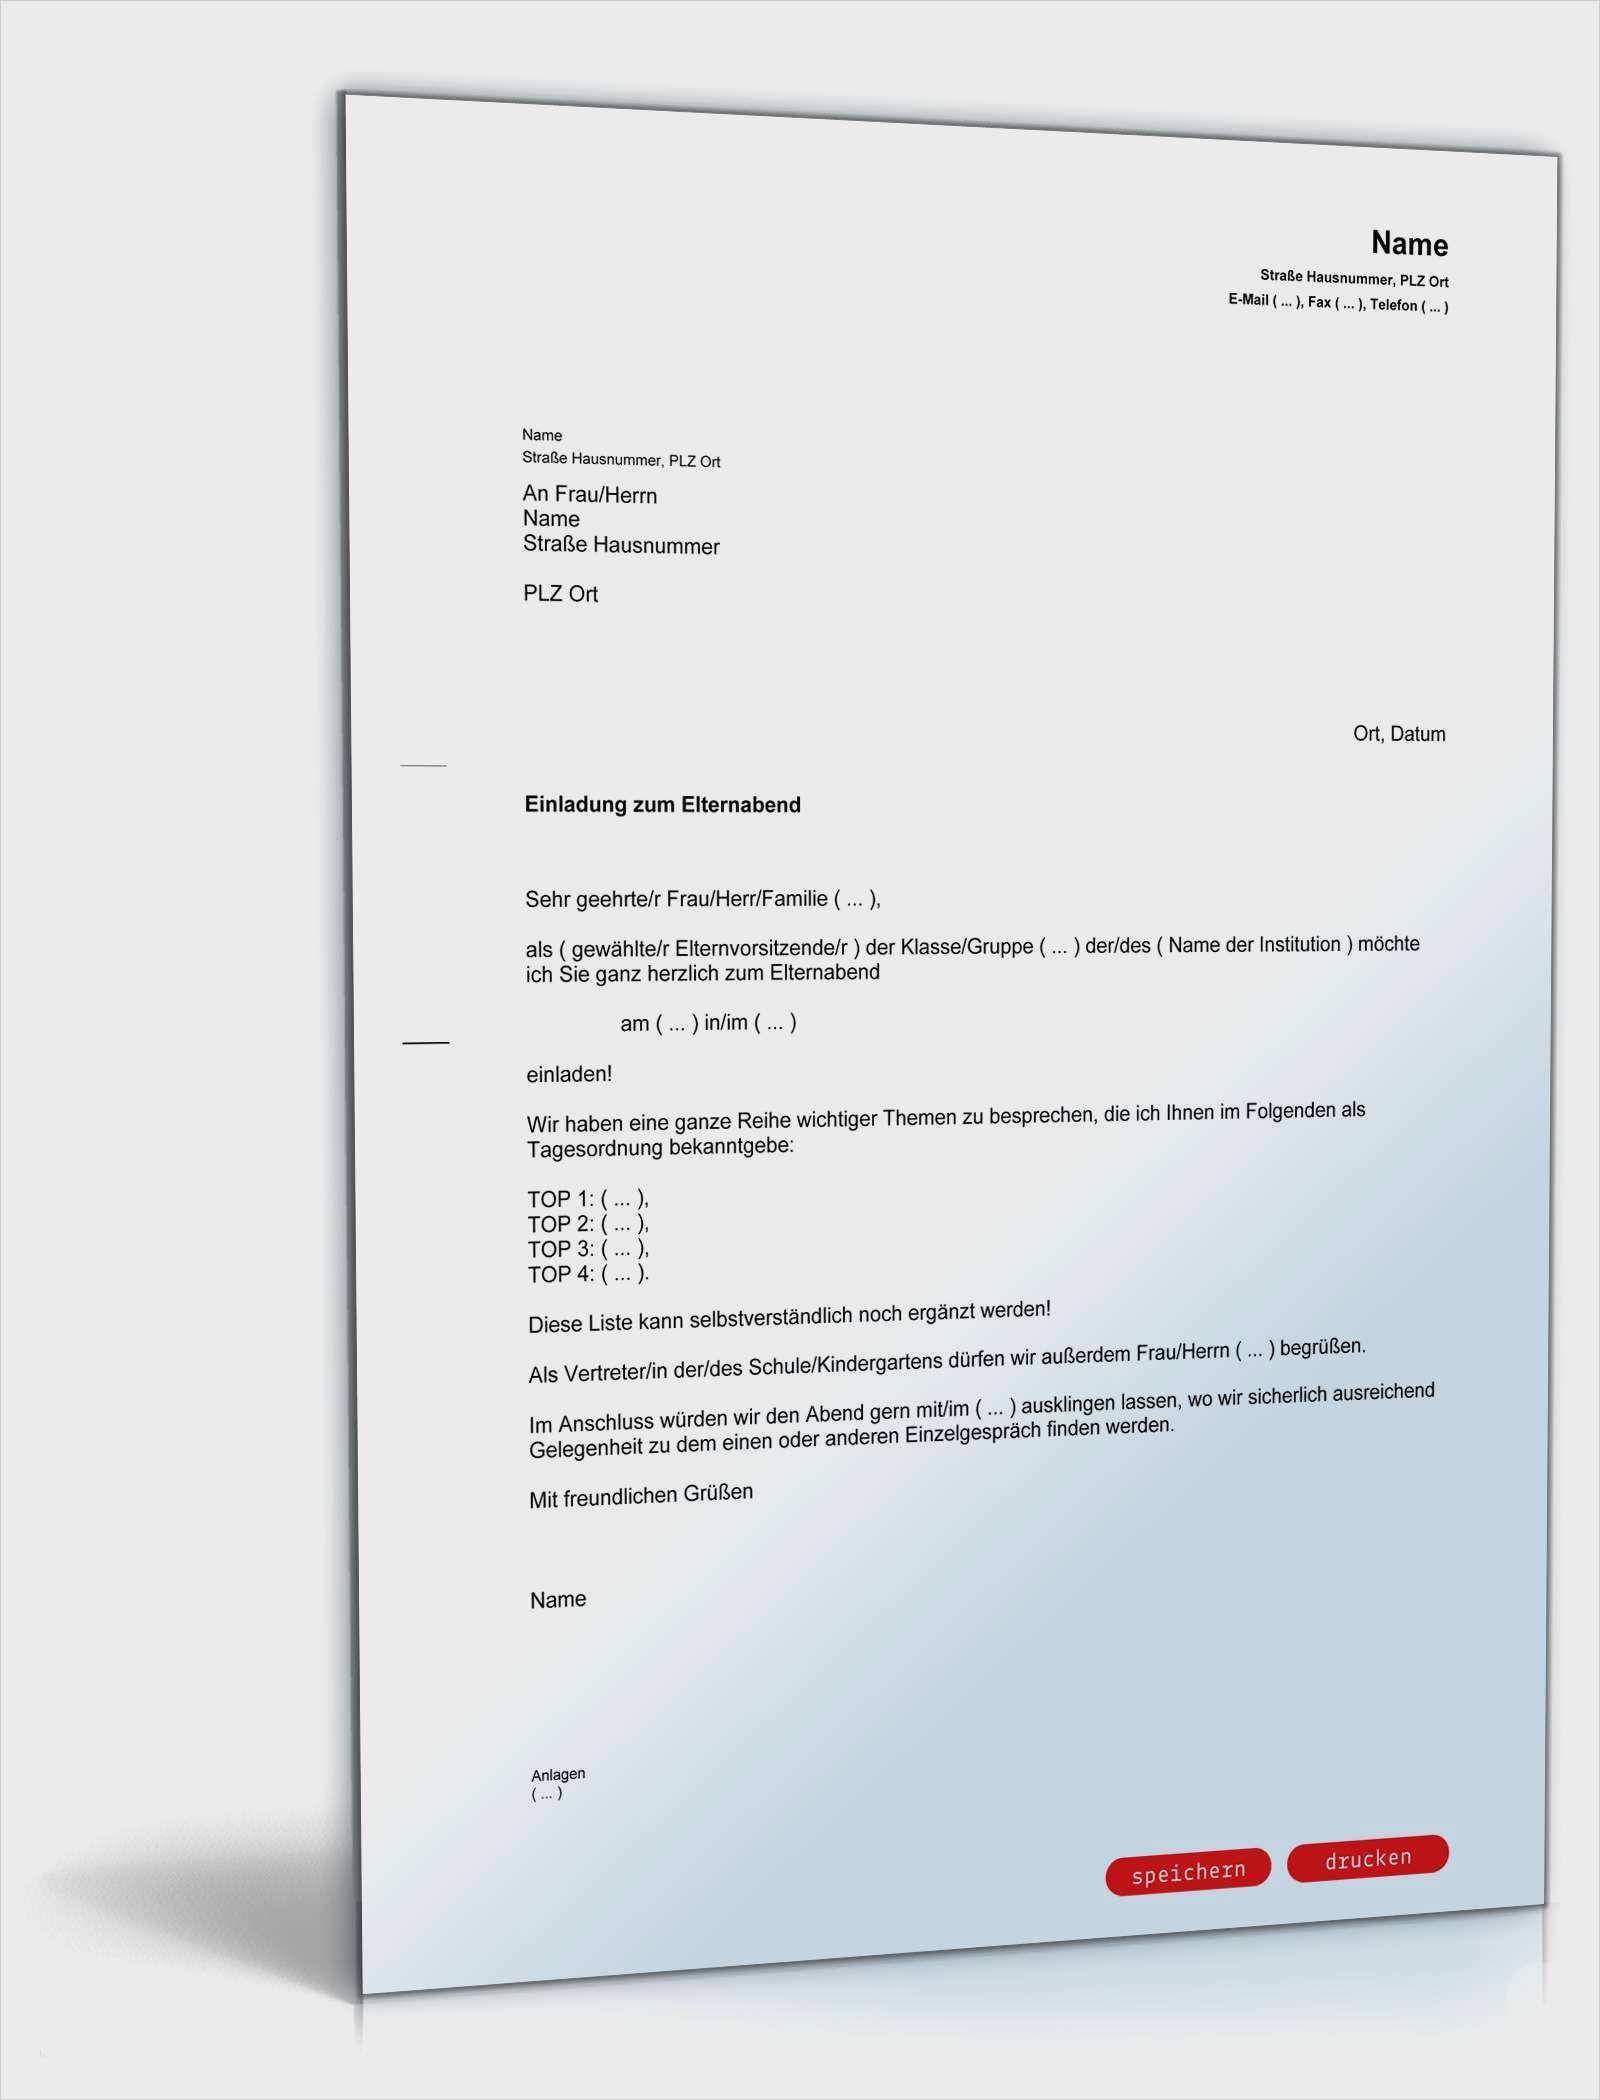 Schonste Elternabend Einladung Vorlage Ebendiese Konnen Einstellen In Ms Word In 2020 Lebenslauf Briefkopf Vorlage Vorlagen